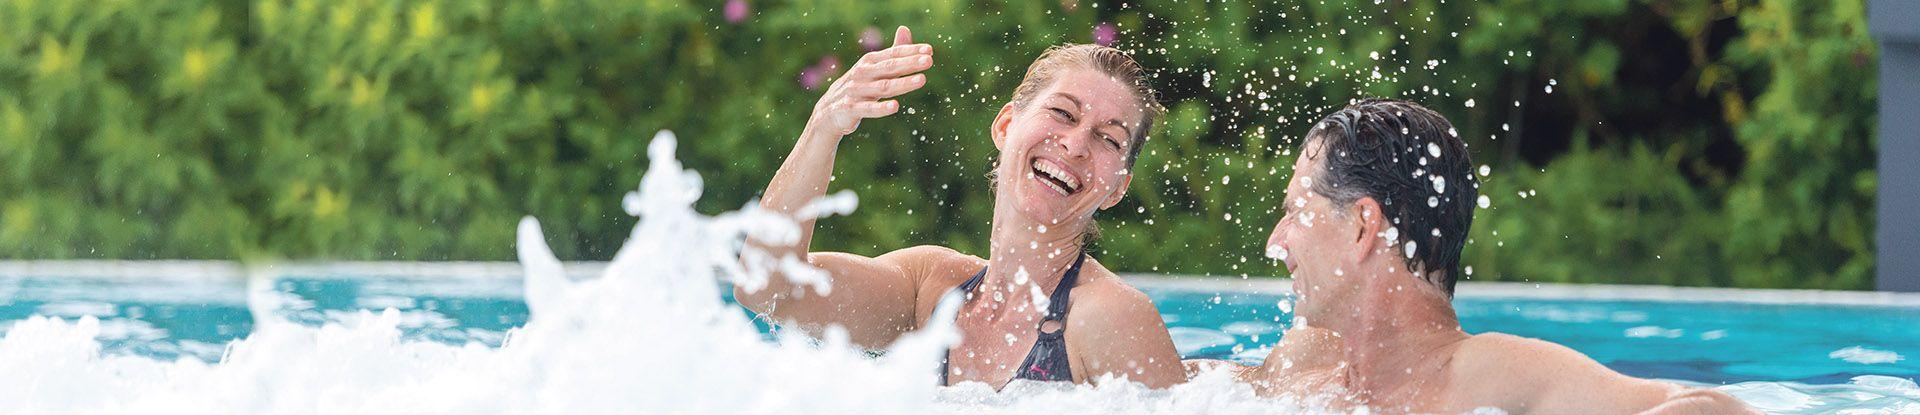 Badegäste in der Jod-Sole-Therme Bad Bevensen